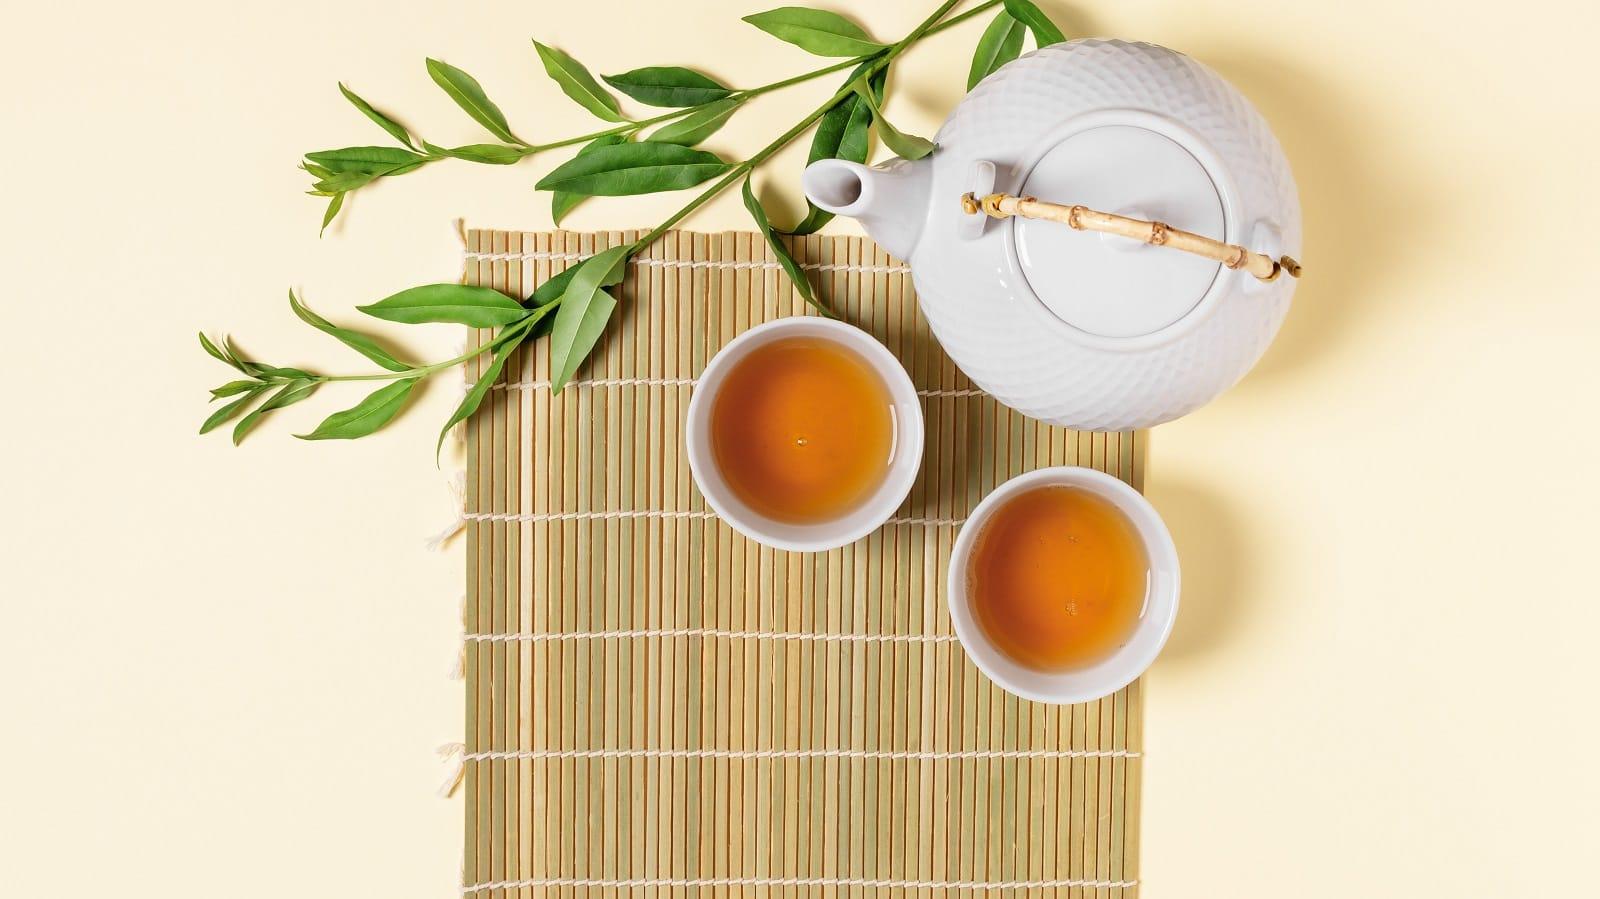 Eine weiße Porzellan Kanne auf einer Bambus-Unterlage neben zwei mit Grün Tee gefüllten Tassen und zwei Zweigen der Teepflanze, von oben vor hellem Hintergrund.